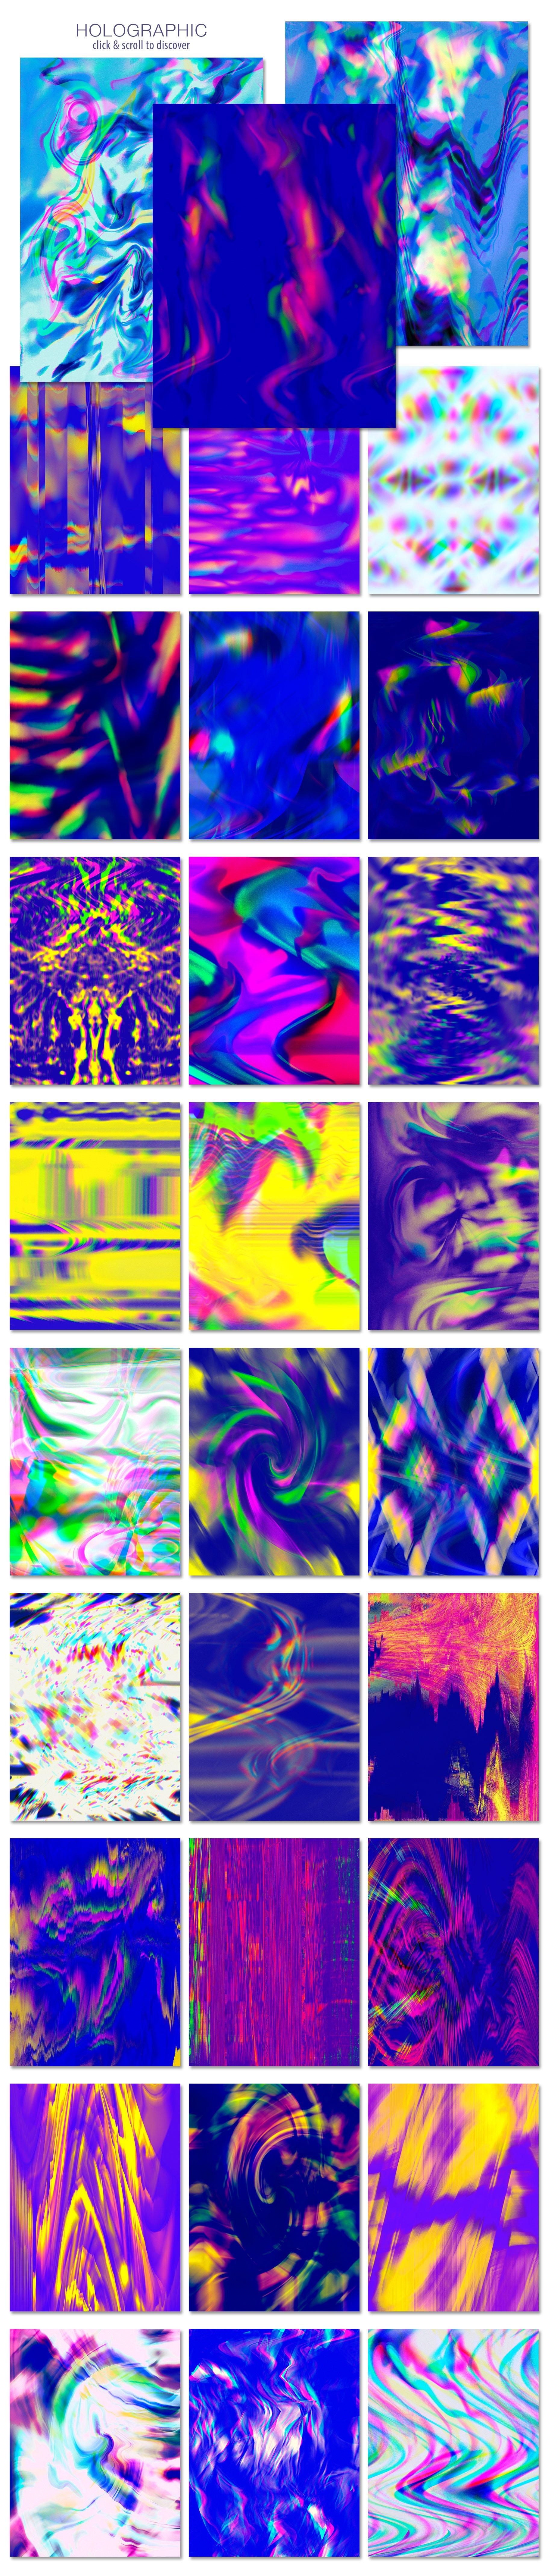 [单独购买] 90款潮流抽象炫彩故障扭曲噪点颗粒纹理海报设计背景图片素材 Experimental Abstract Textures插图10